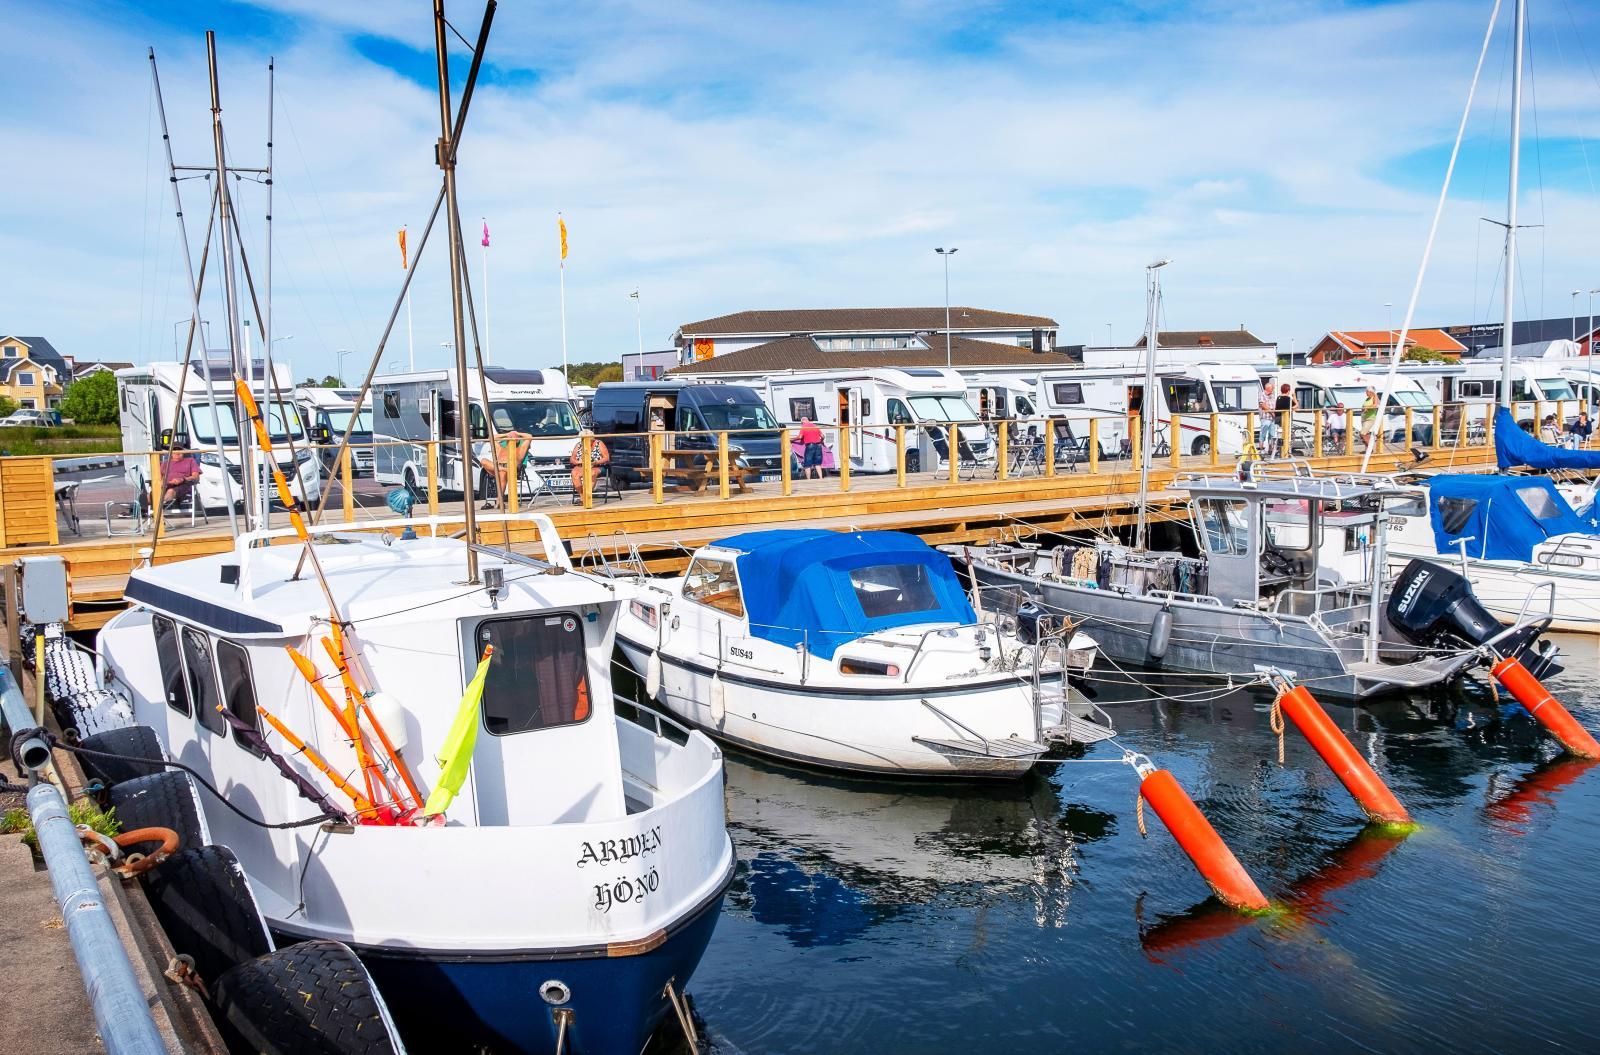 Fritidsfordon, fritidsbåtar och fiskebåtar samsas om utrymmet.